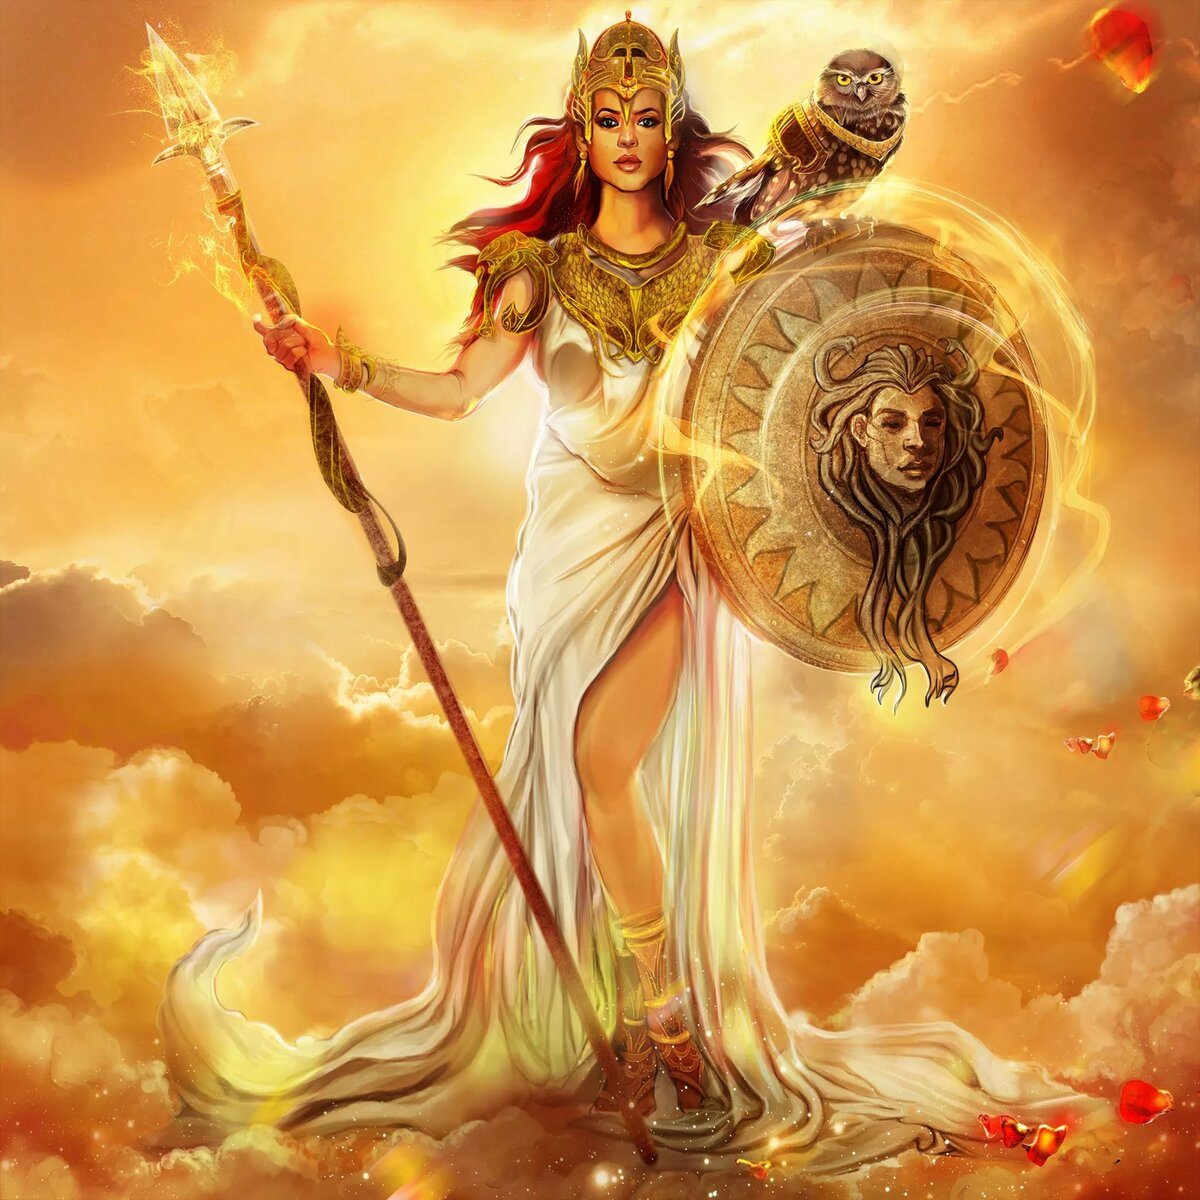 богиня афина картинки